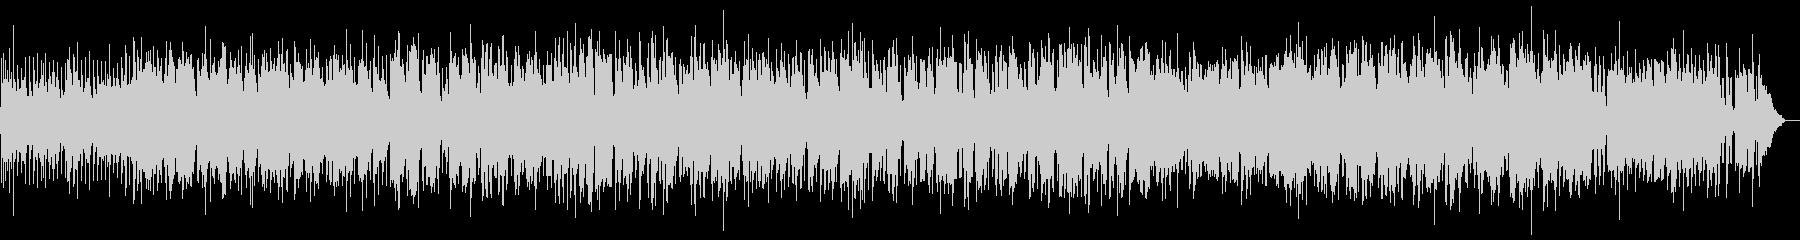 昭和歌謡ポップスジャジーブルースエレジーの未再生の波形